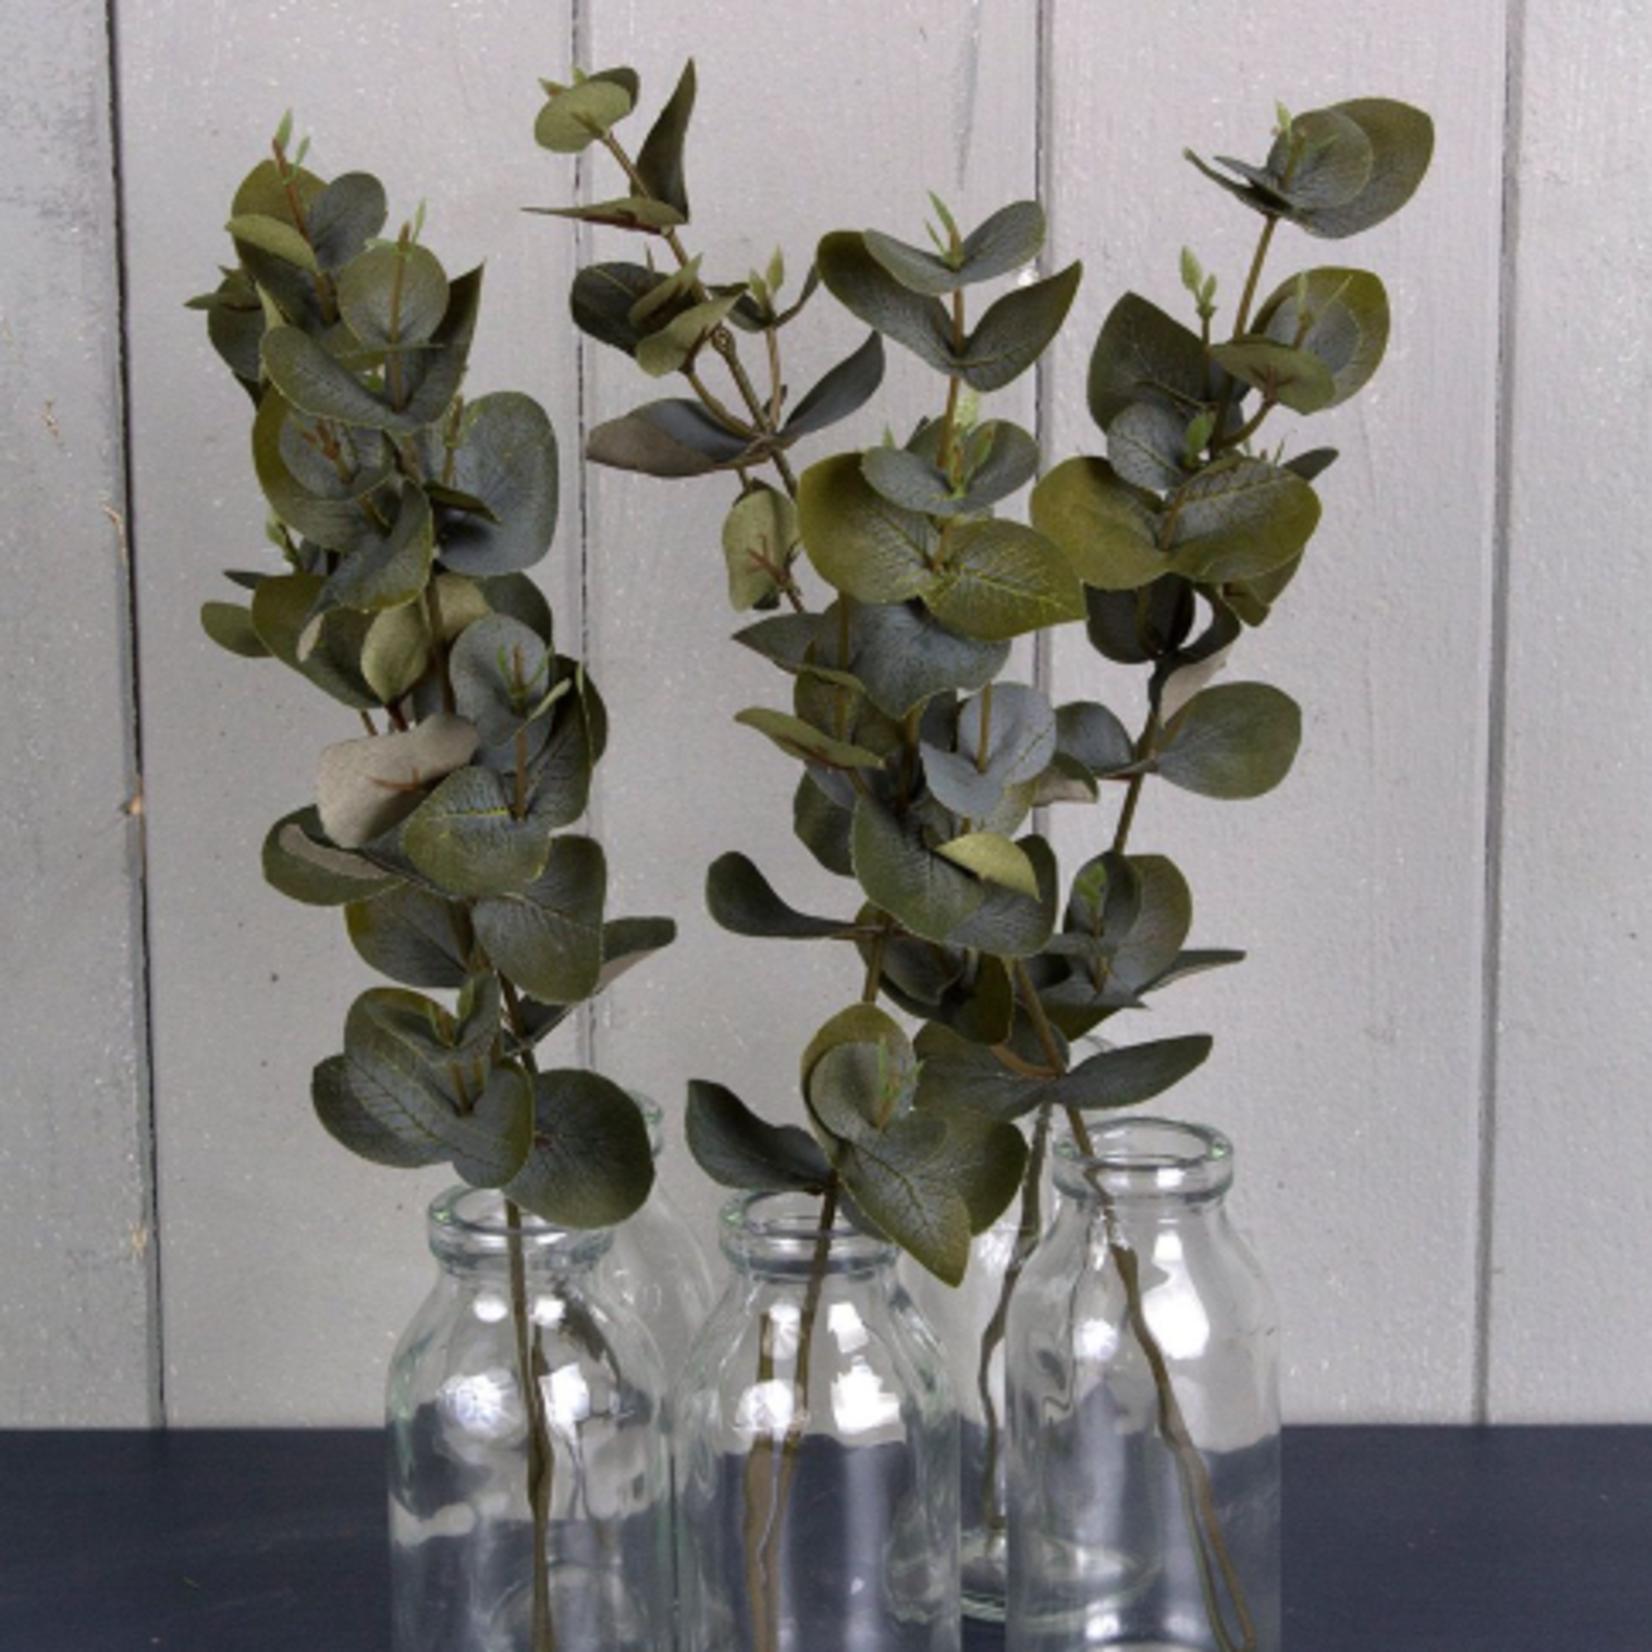 Grand Interiors Eucalyptus Artificial Plant Stem 1x H90cm W12 Approx